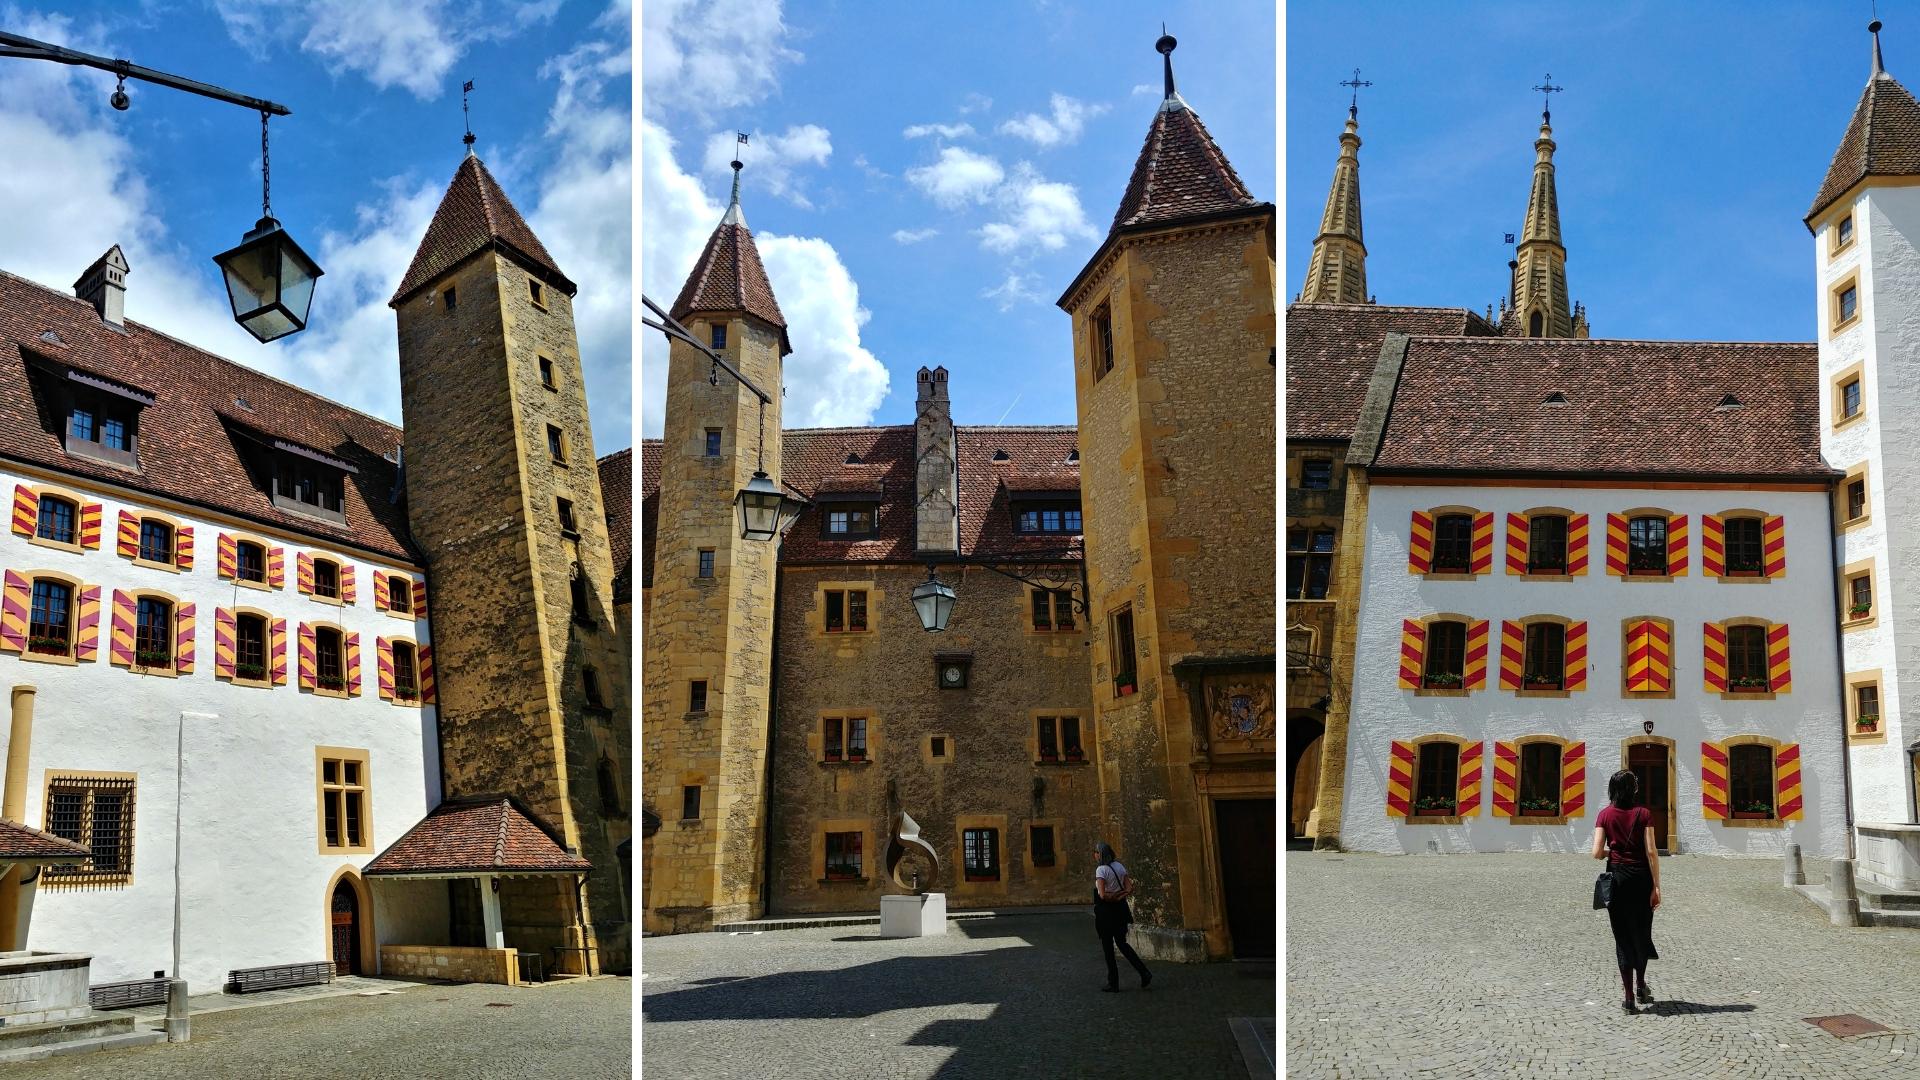 neuchatel chateau vieille ville visiter itineraire suisse romande blog voyage